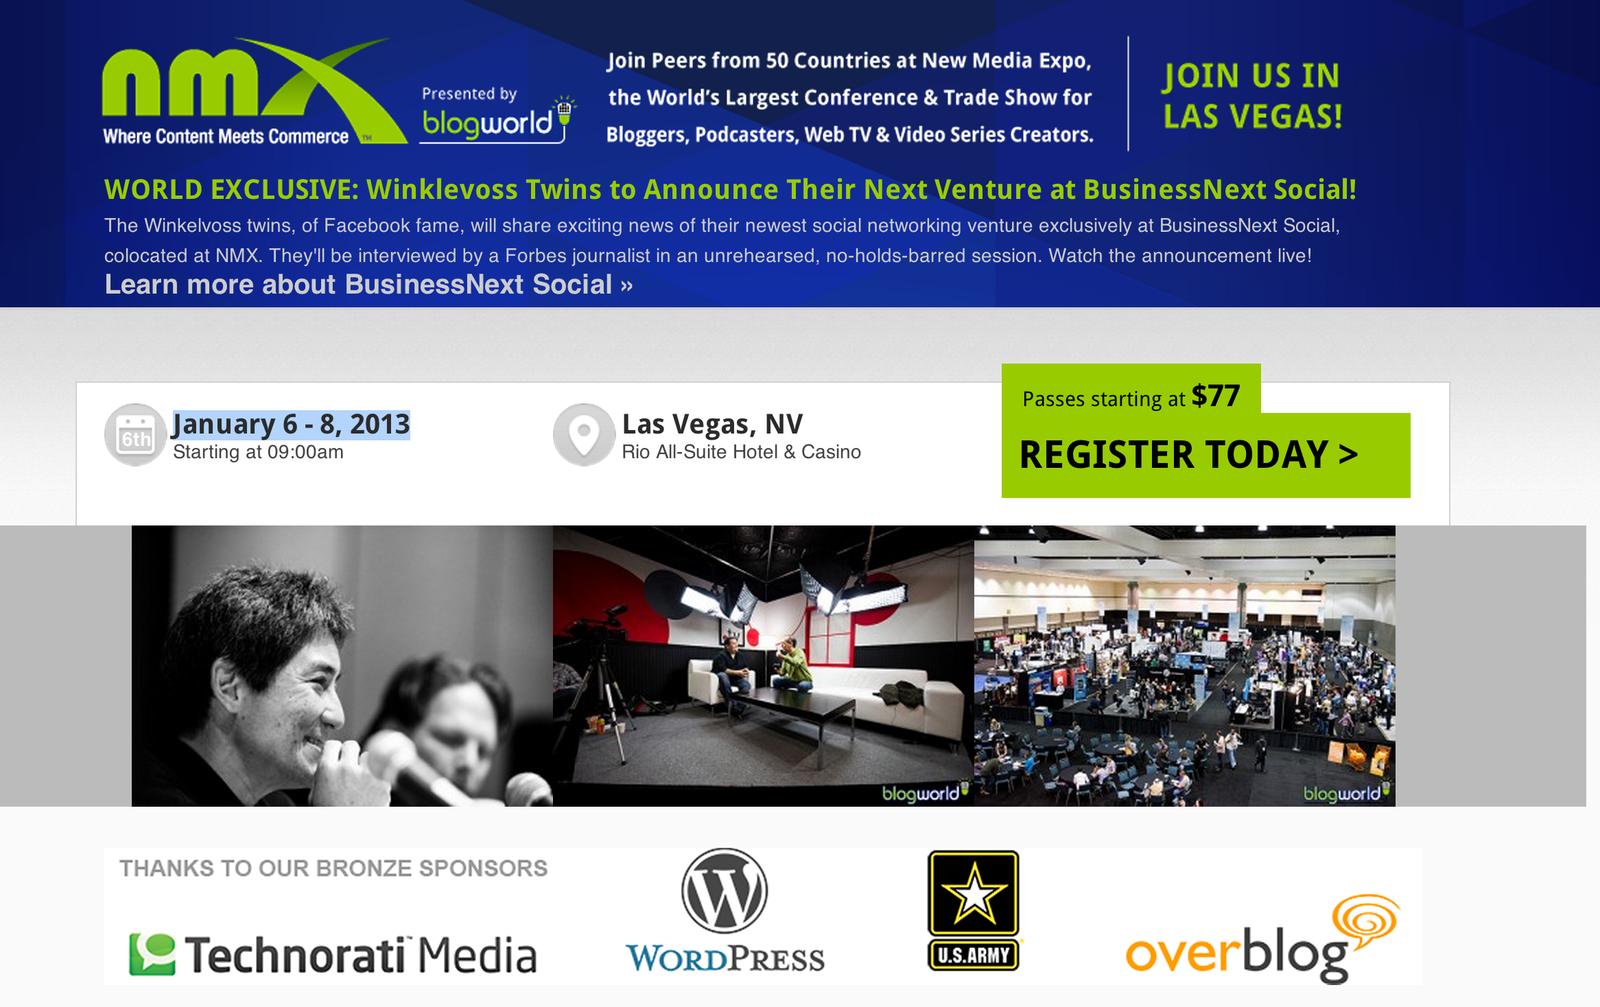 Overblog en sponsor avec l'US ARMY pour blogworld Las vegas